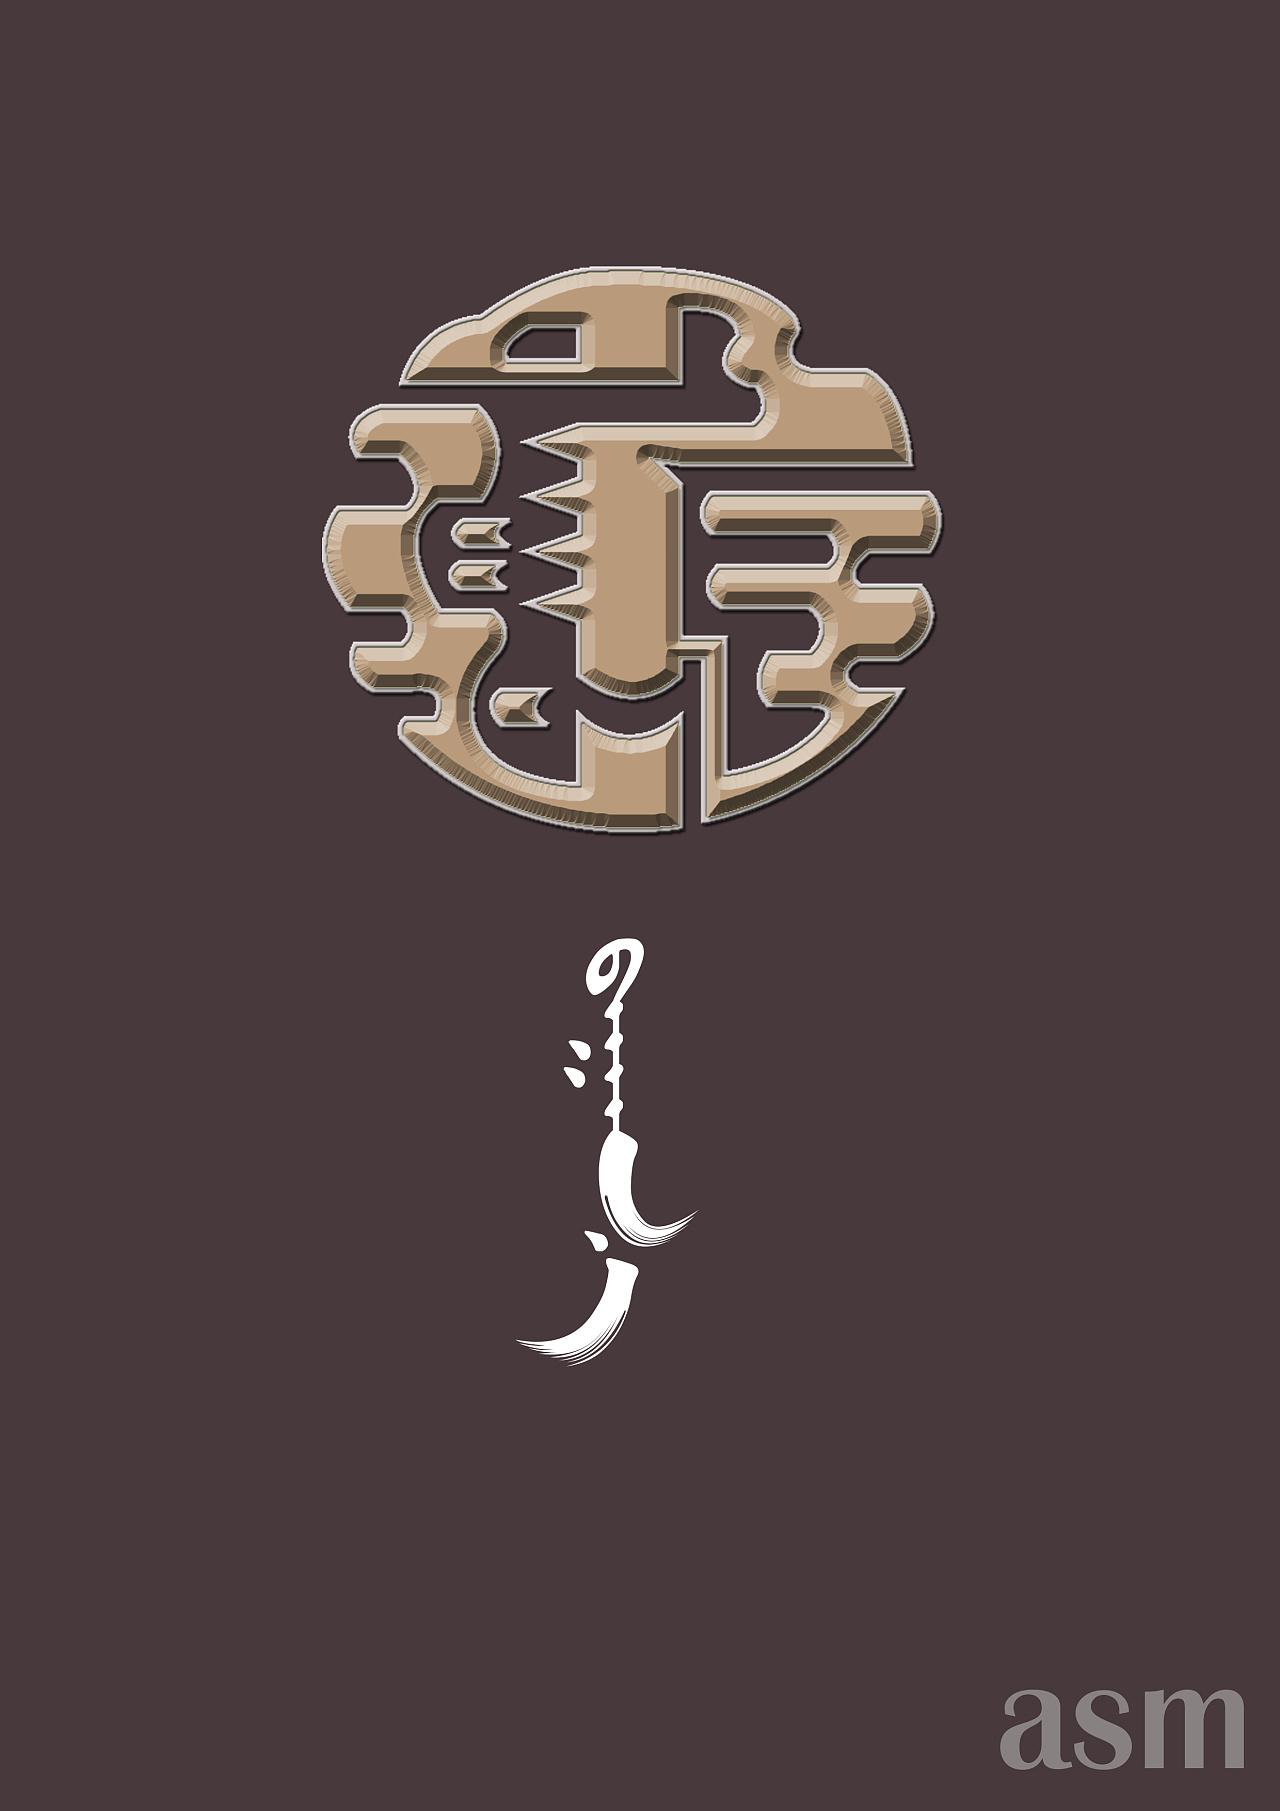 蒙古艺术文字5 -阿斯玛设计 第10张 蒙古艺术文字5 -阿斯玛设计 蒙古设计